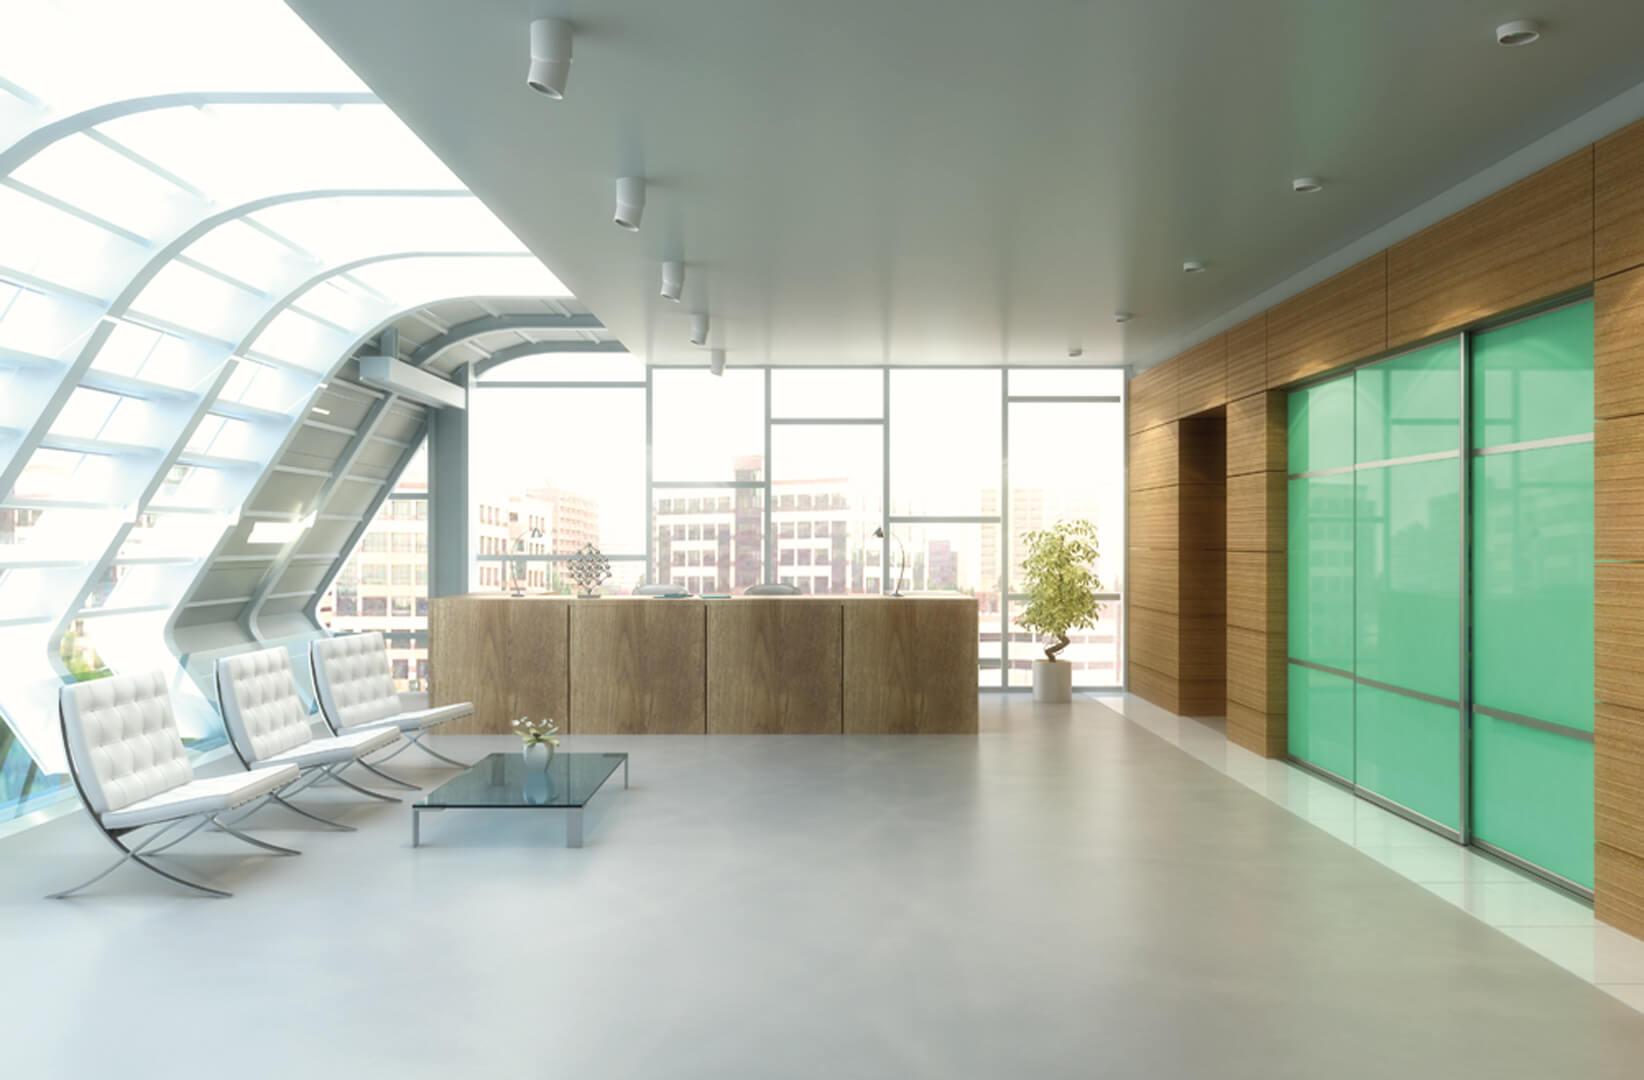 Nowoczesna szafa z zielonymi szklanymi drzwiami przesuwnymi